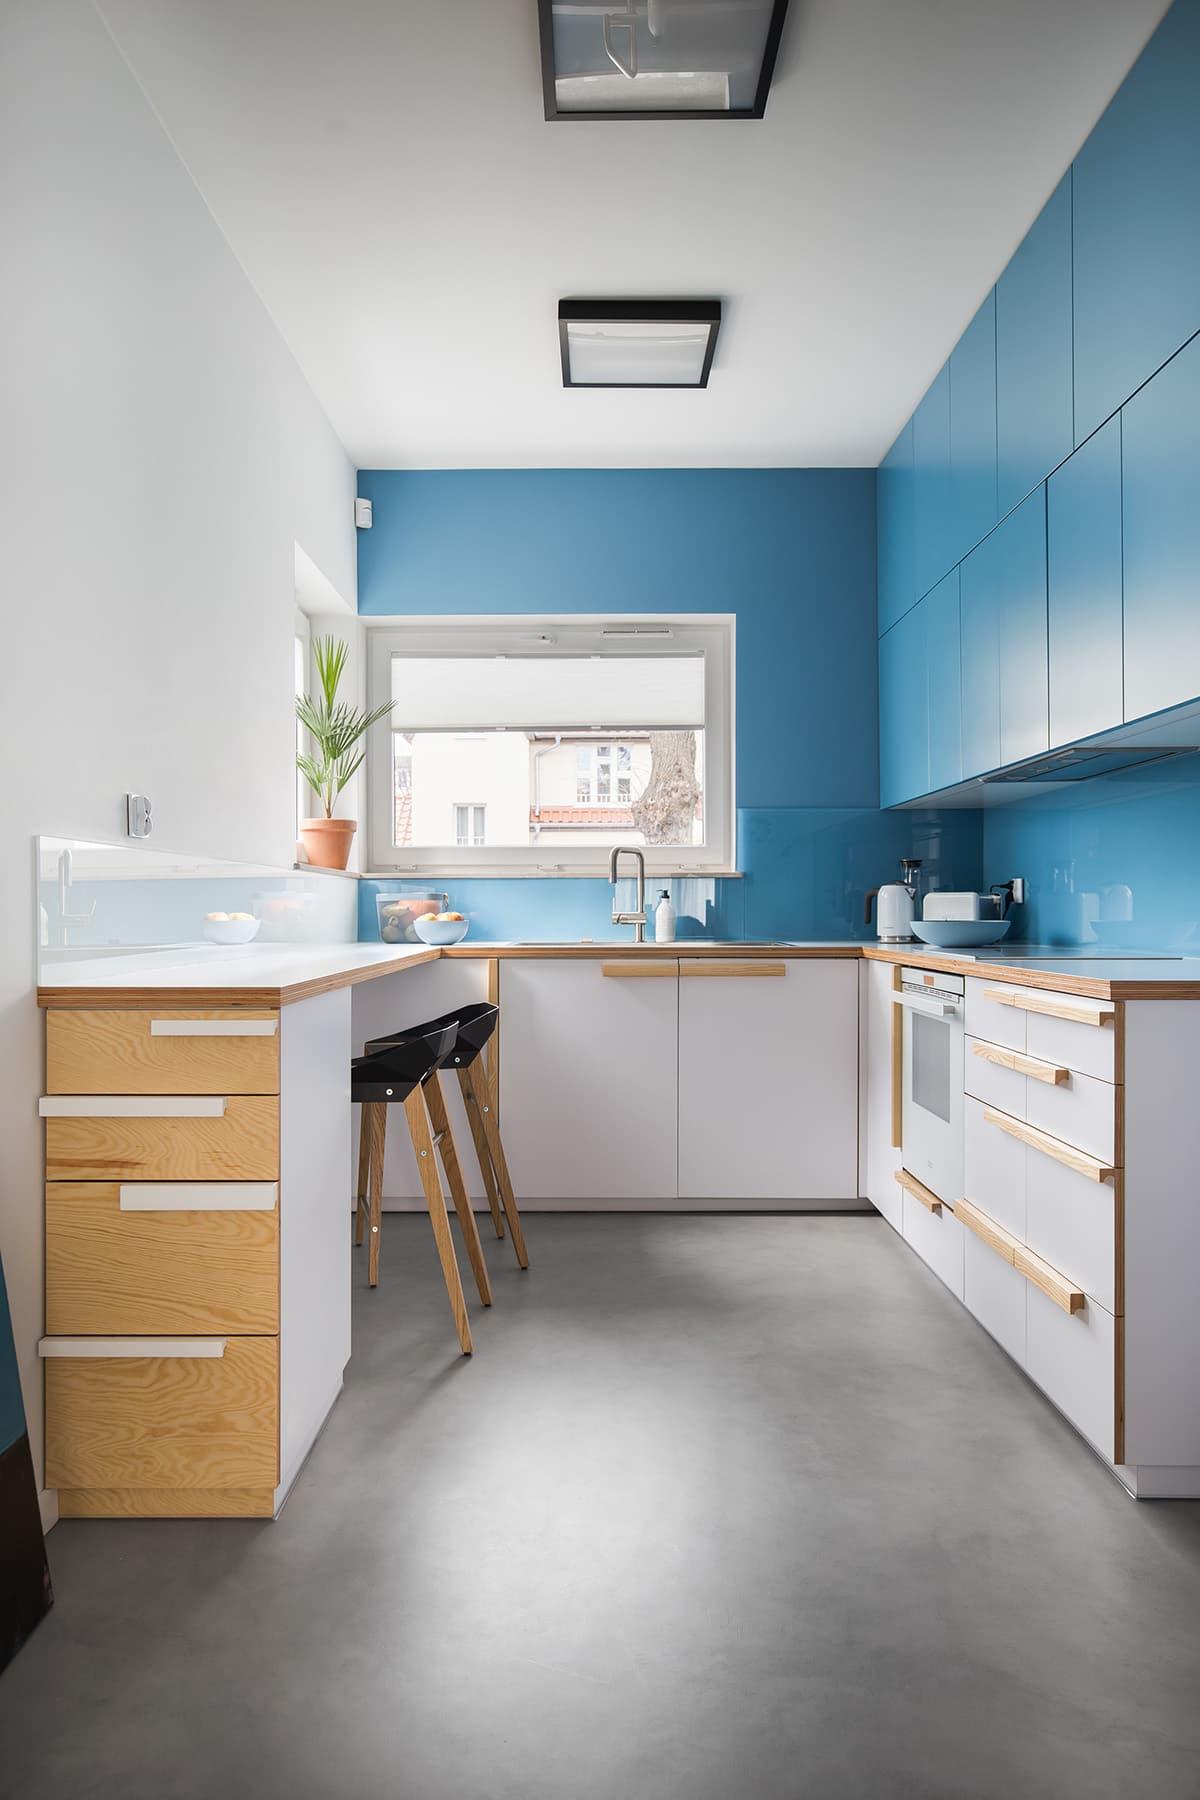 Cuisine étroite moderne blanche et bleue dans le style du minimalisme, où l'accent est mis sur la simplicité et l'expressivité.